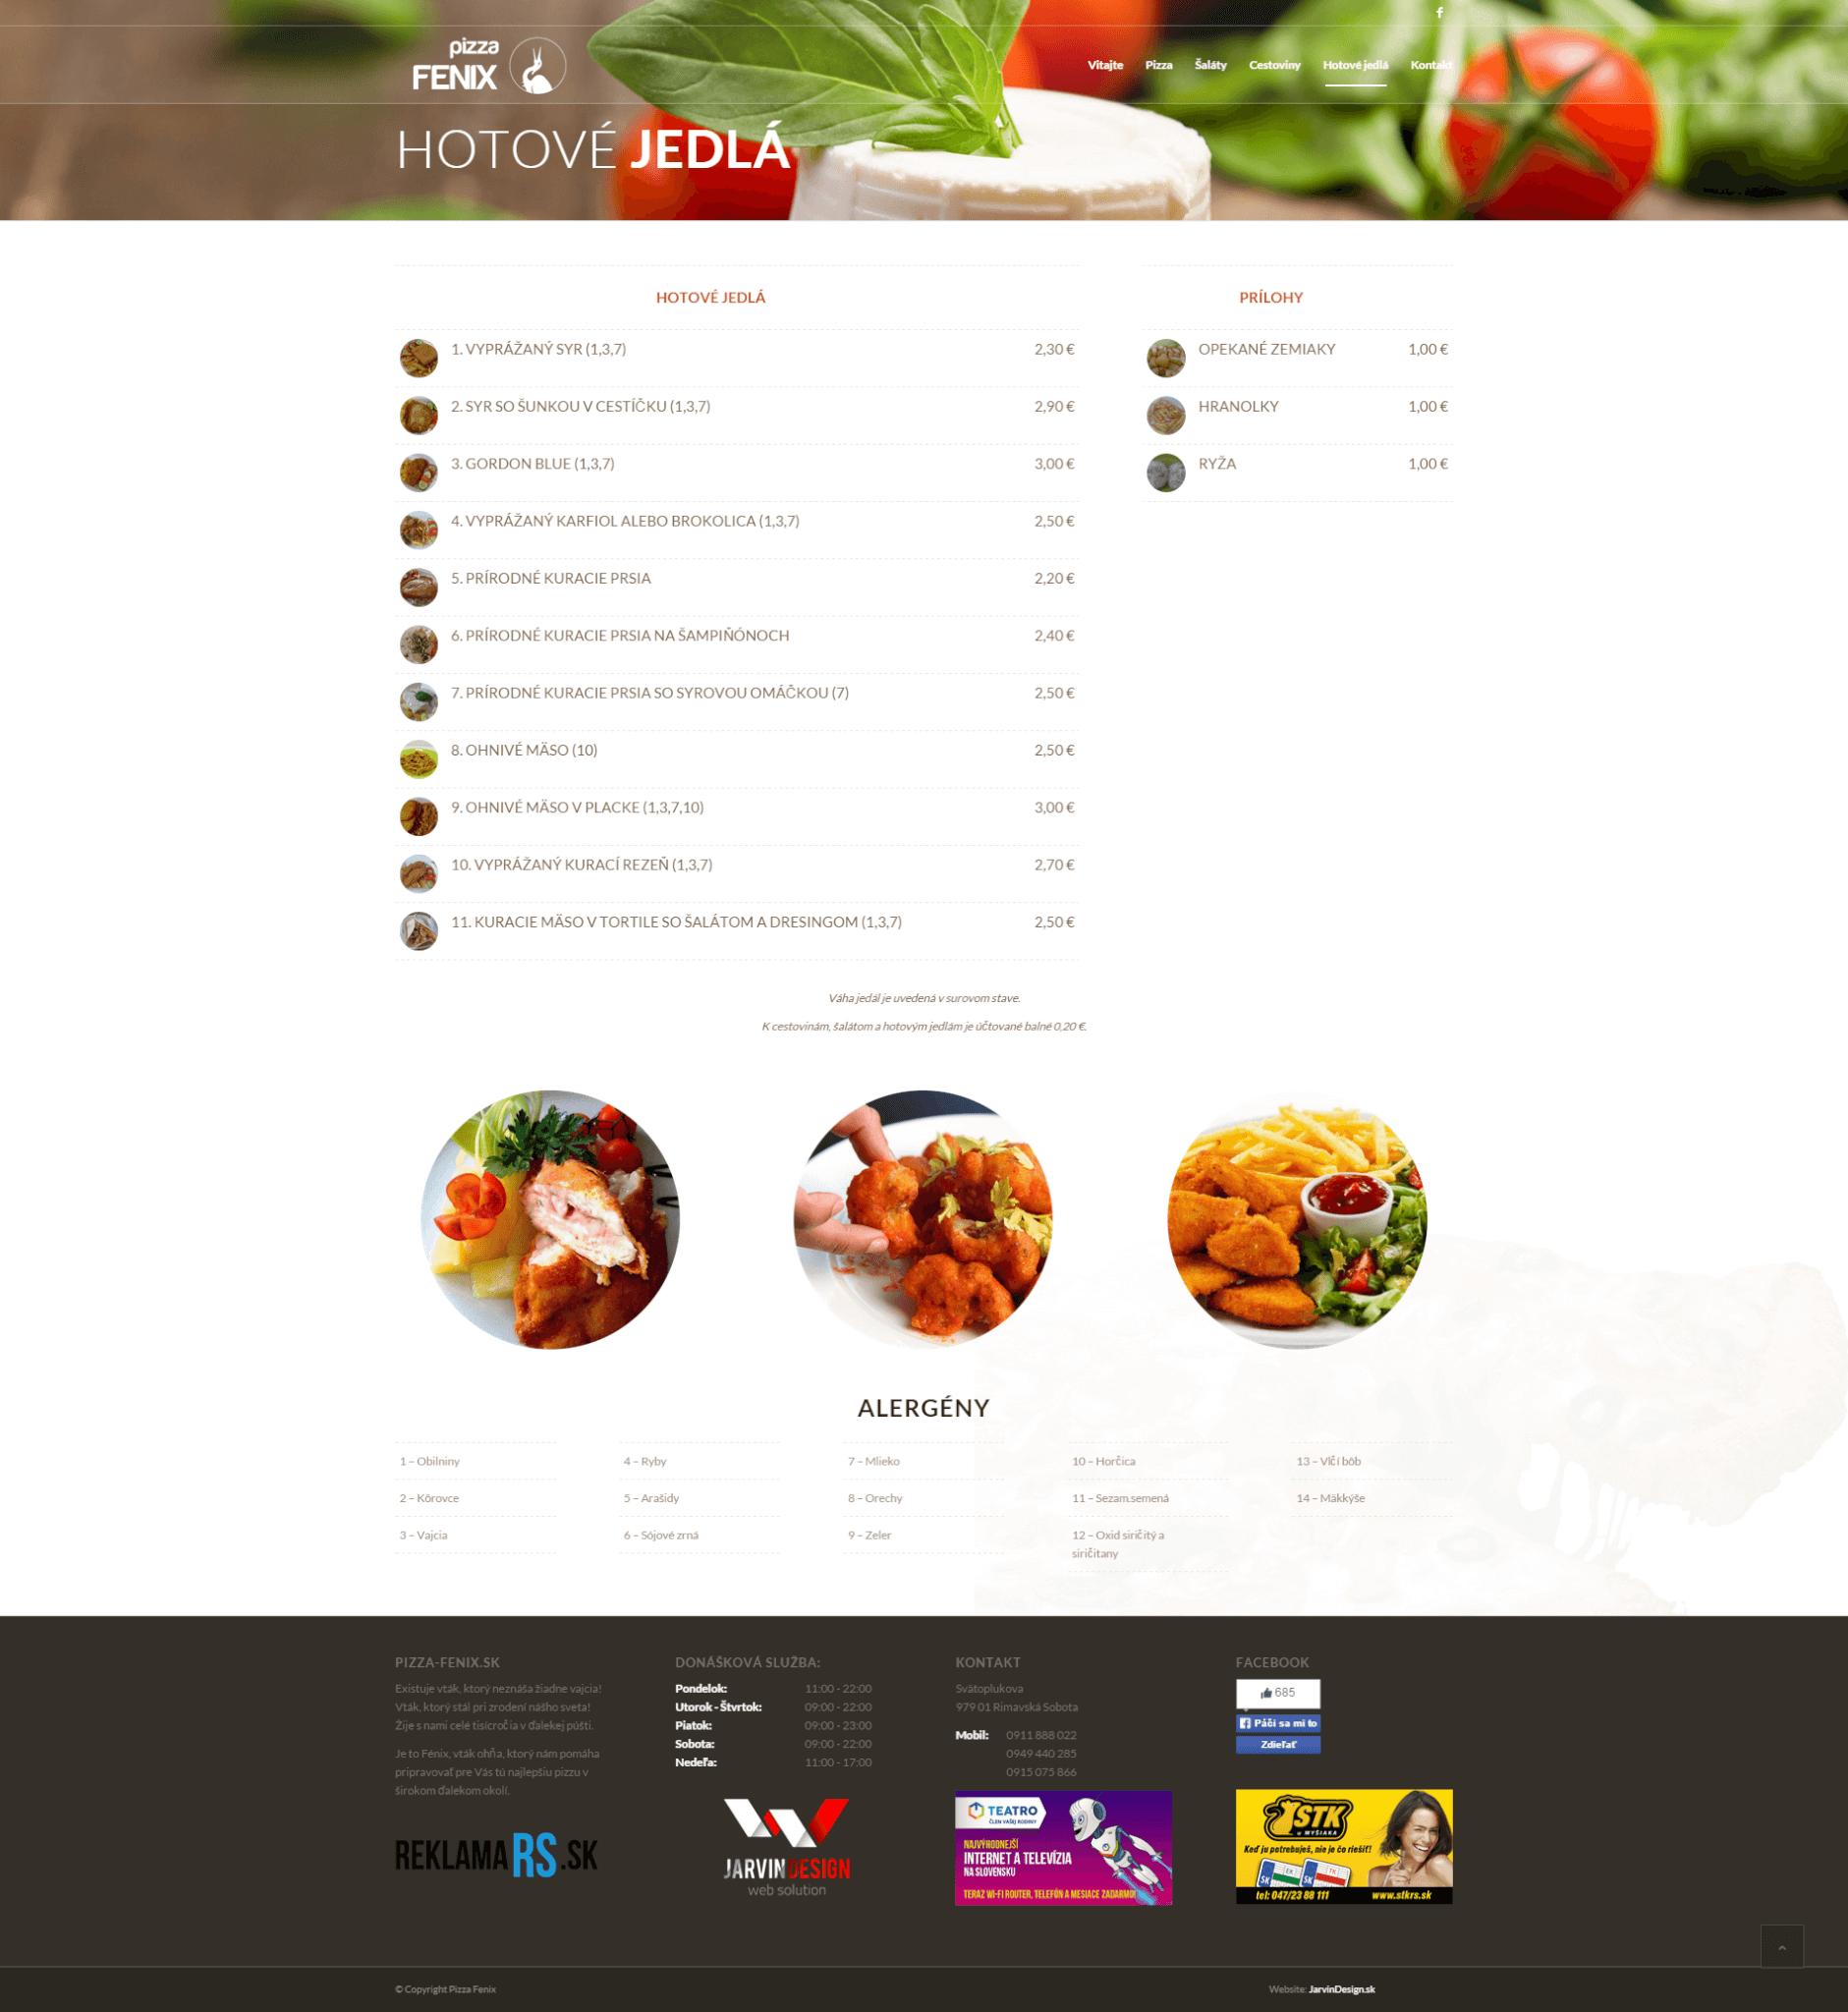 Pizza-Fenix.sk - hotové jedlá